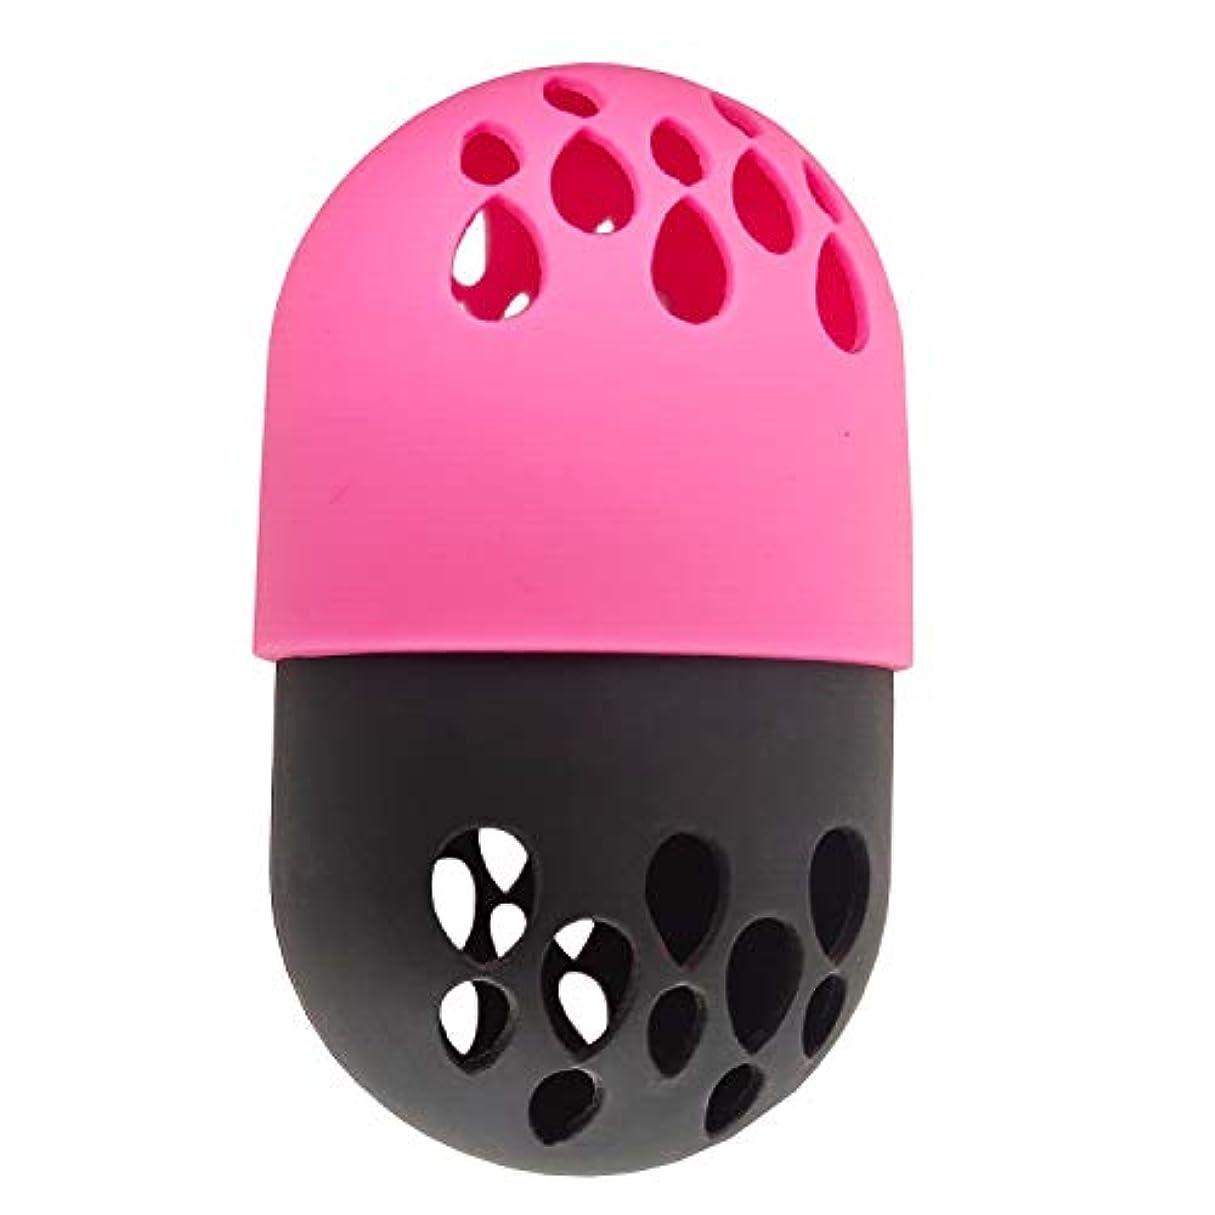 かもめ説明的相手美容スポンジ収納ケース、通気性を柔らか美容スポンジ シリコン旅行 キャリングケース、小型軽量 あらゆる化粧スポンジ適用 (ピンク)